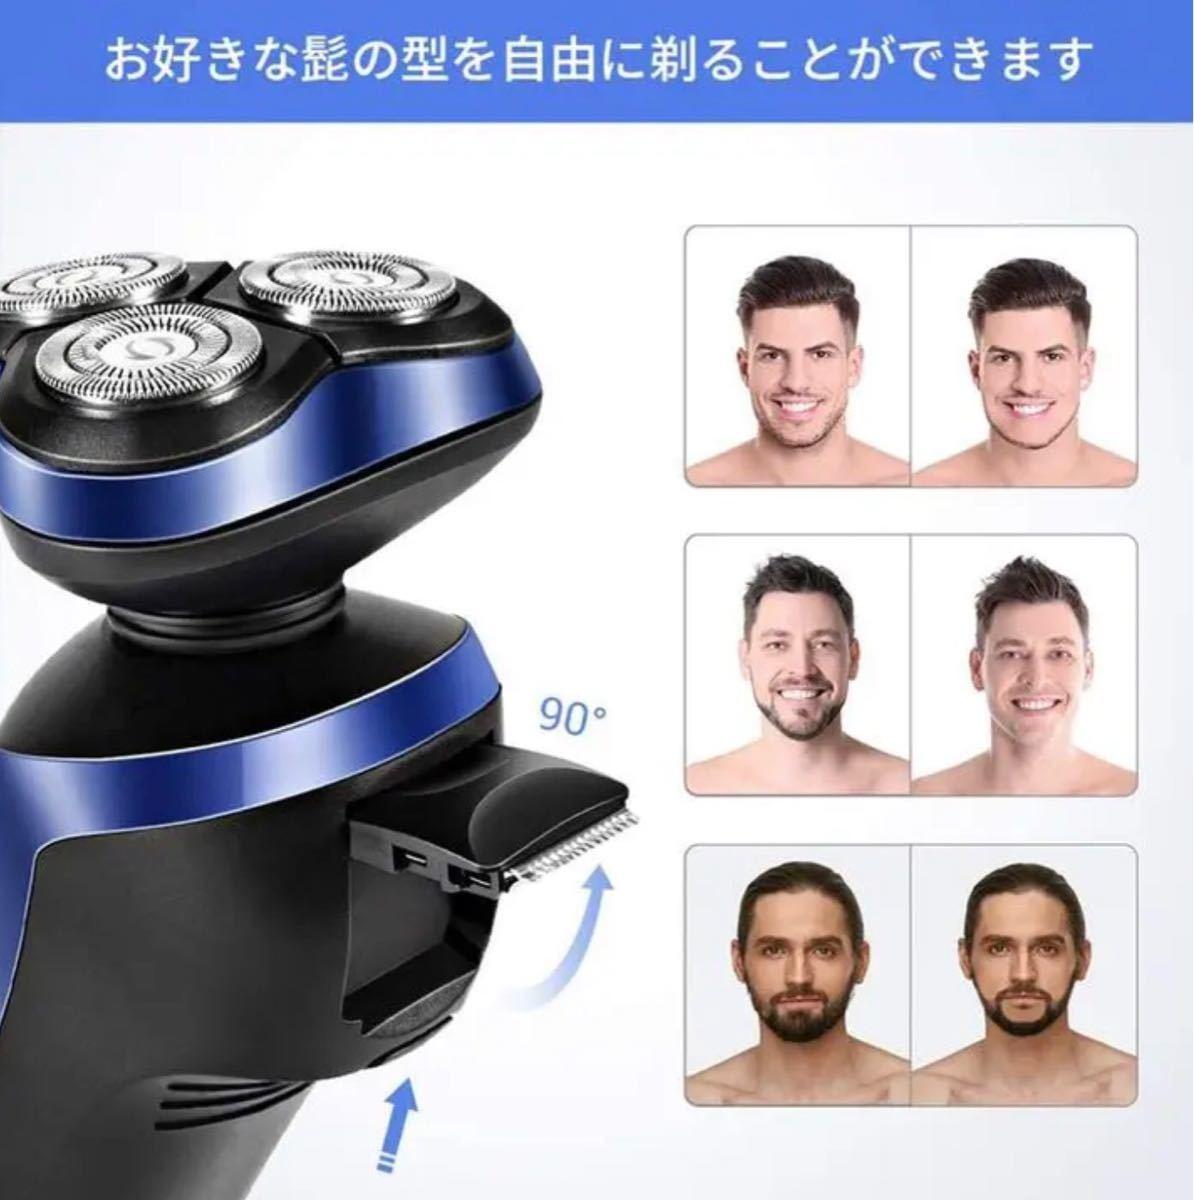 メンズ電気シェーバー 新品 未使用 ひげそり 回転式 IPX7防水 水洗い/お風呂剃り可 メンズ 小型 軽量